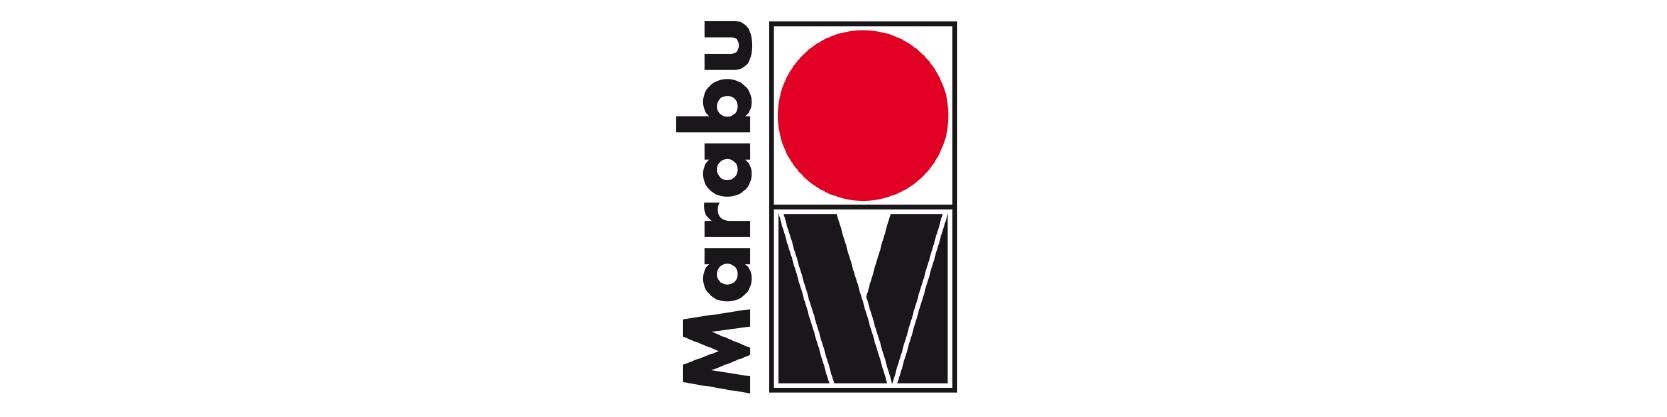 marabu Logo - Lieferant unseres Bastelladen in Lohne